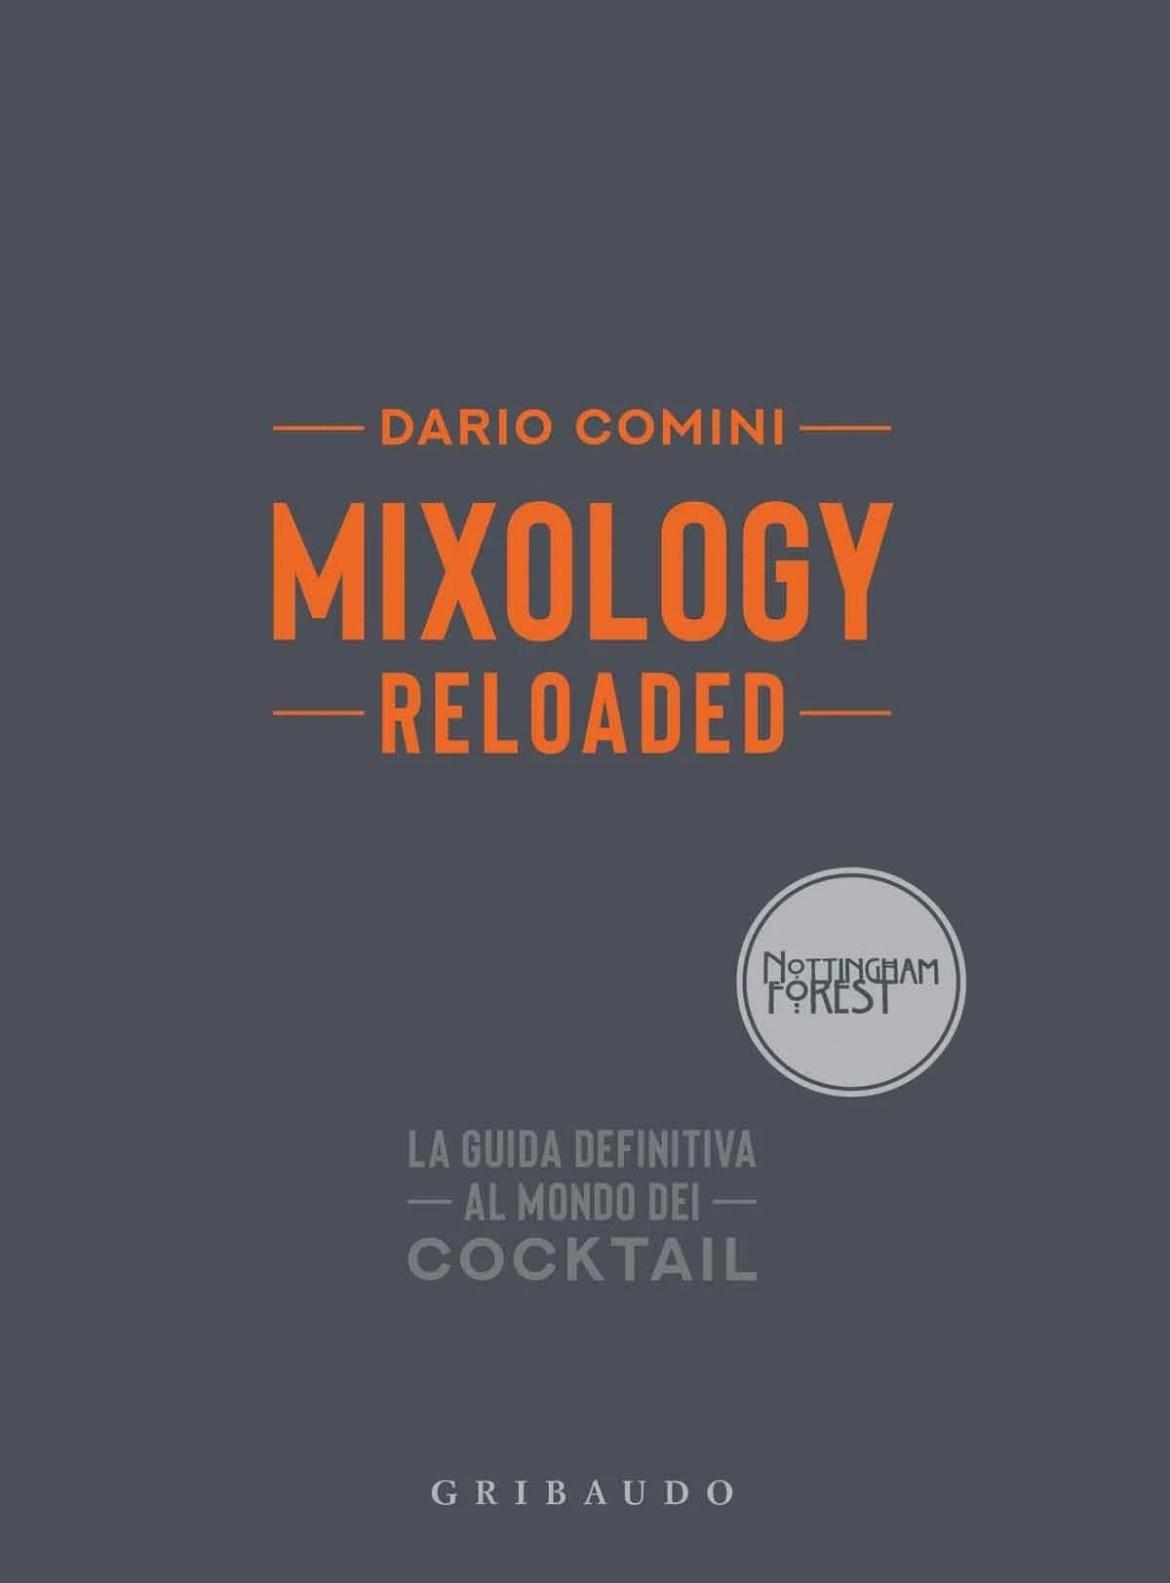 Recensione di Mixology Reloaded – Dario Comini